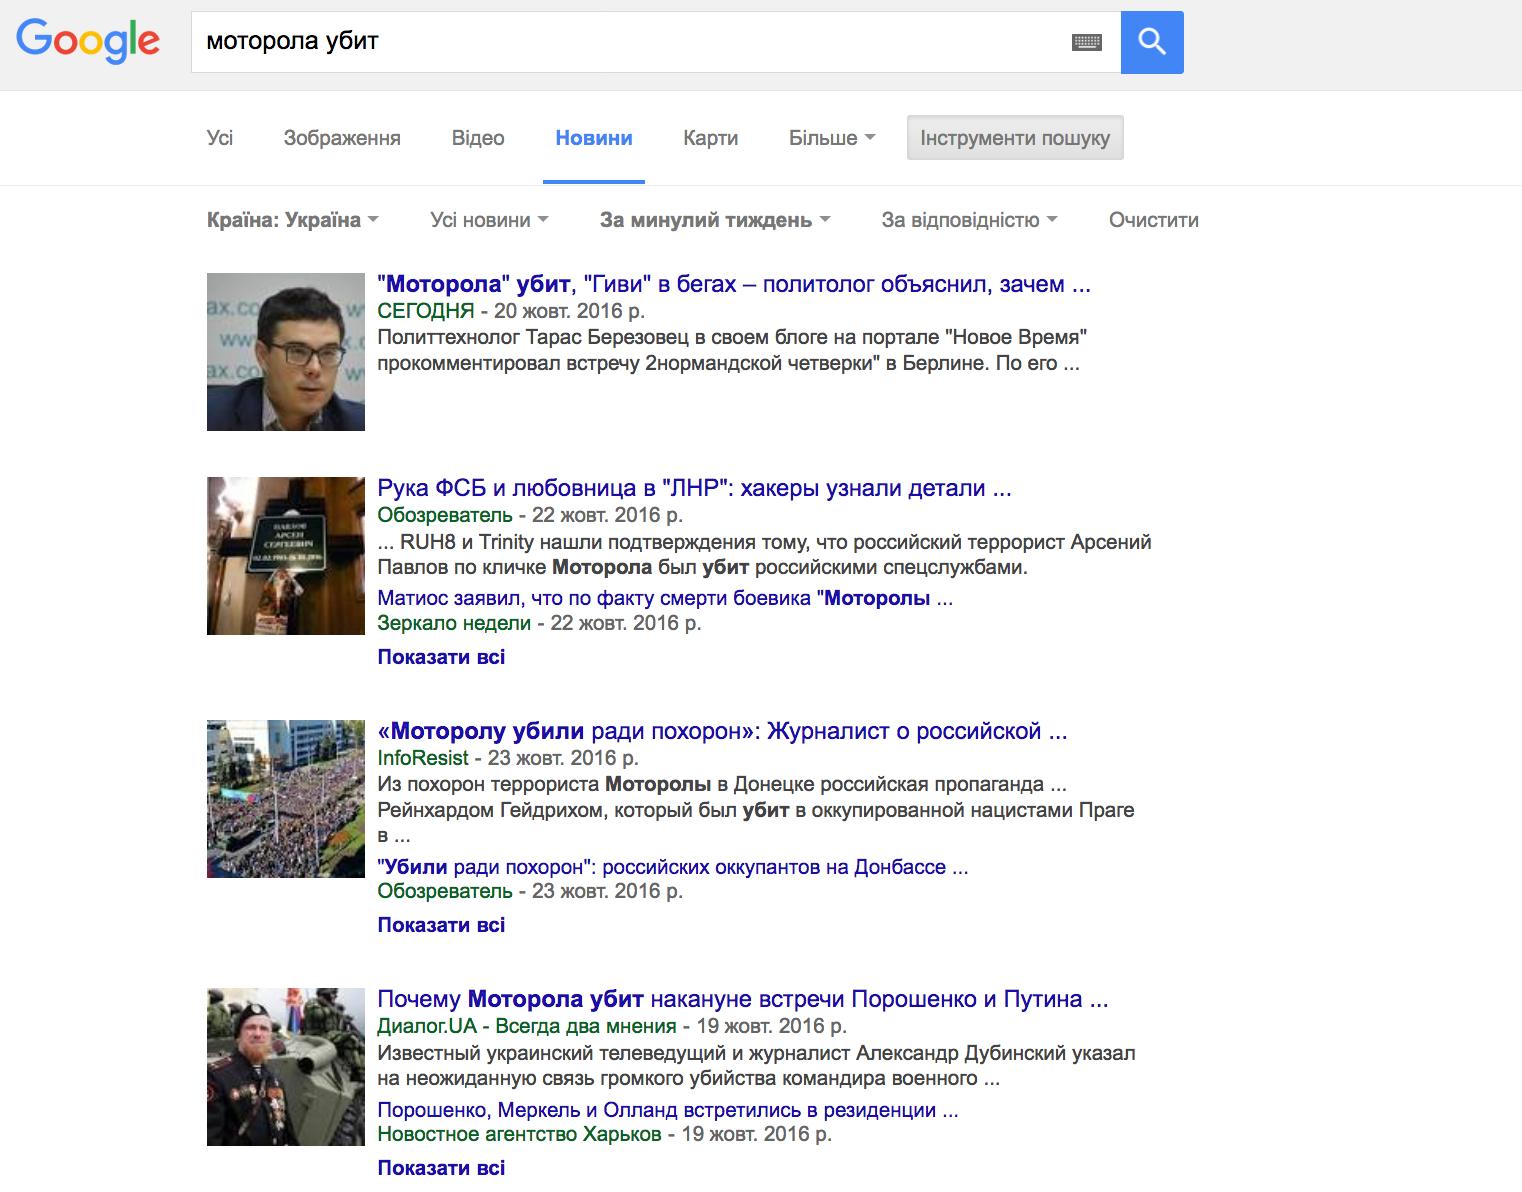 """Búsqueda en Google Noticias por """"Motorola fue matado"""""""